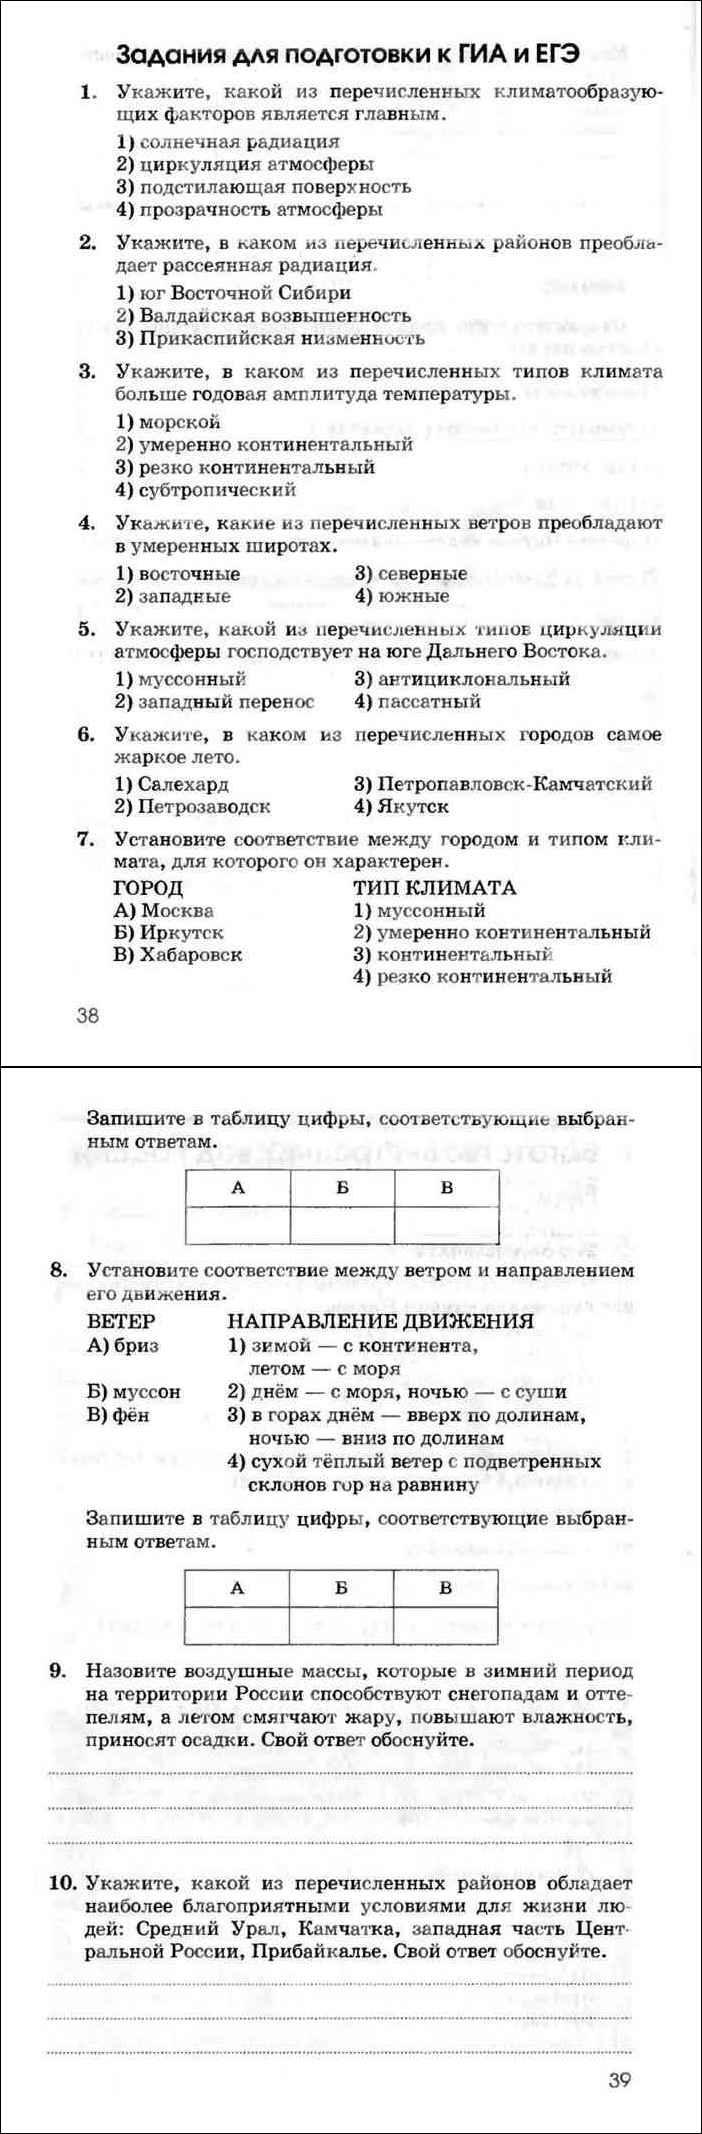 Солнечная радиация. география 8 класс. алексеев